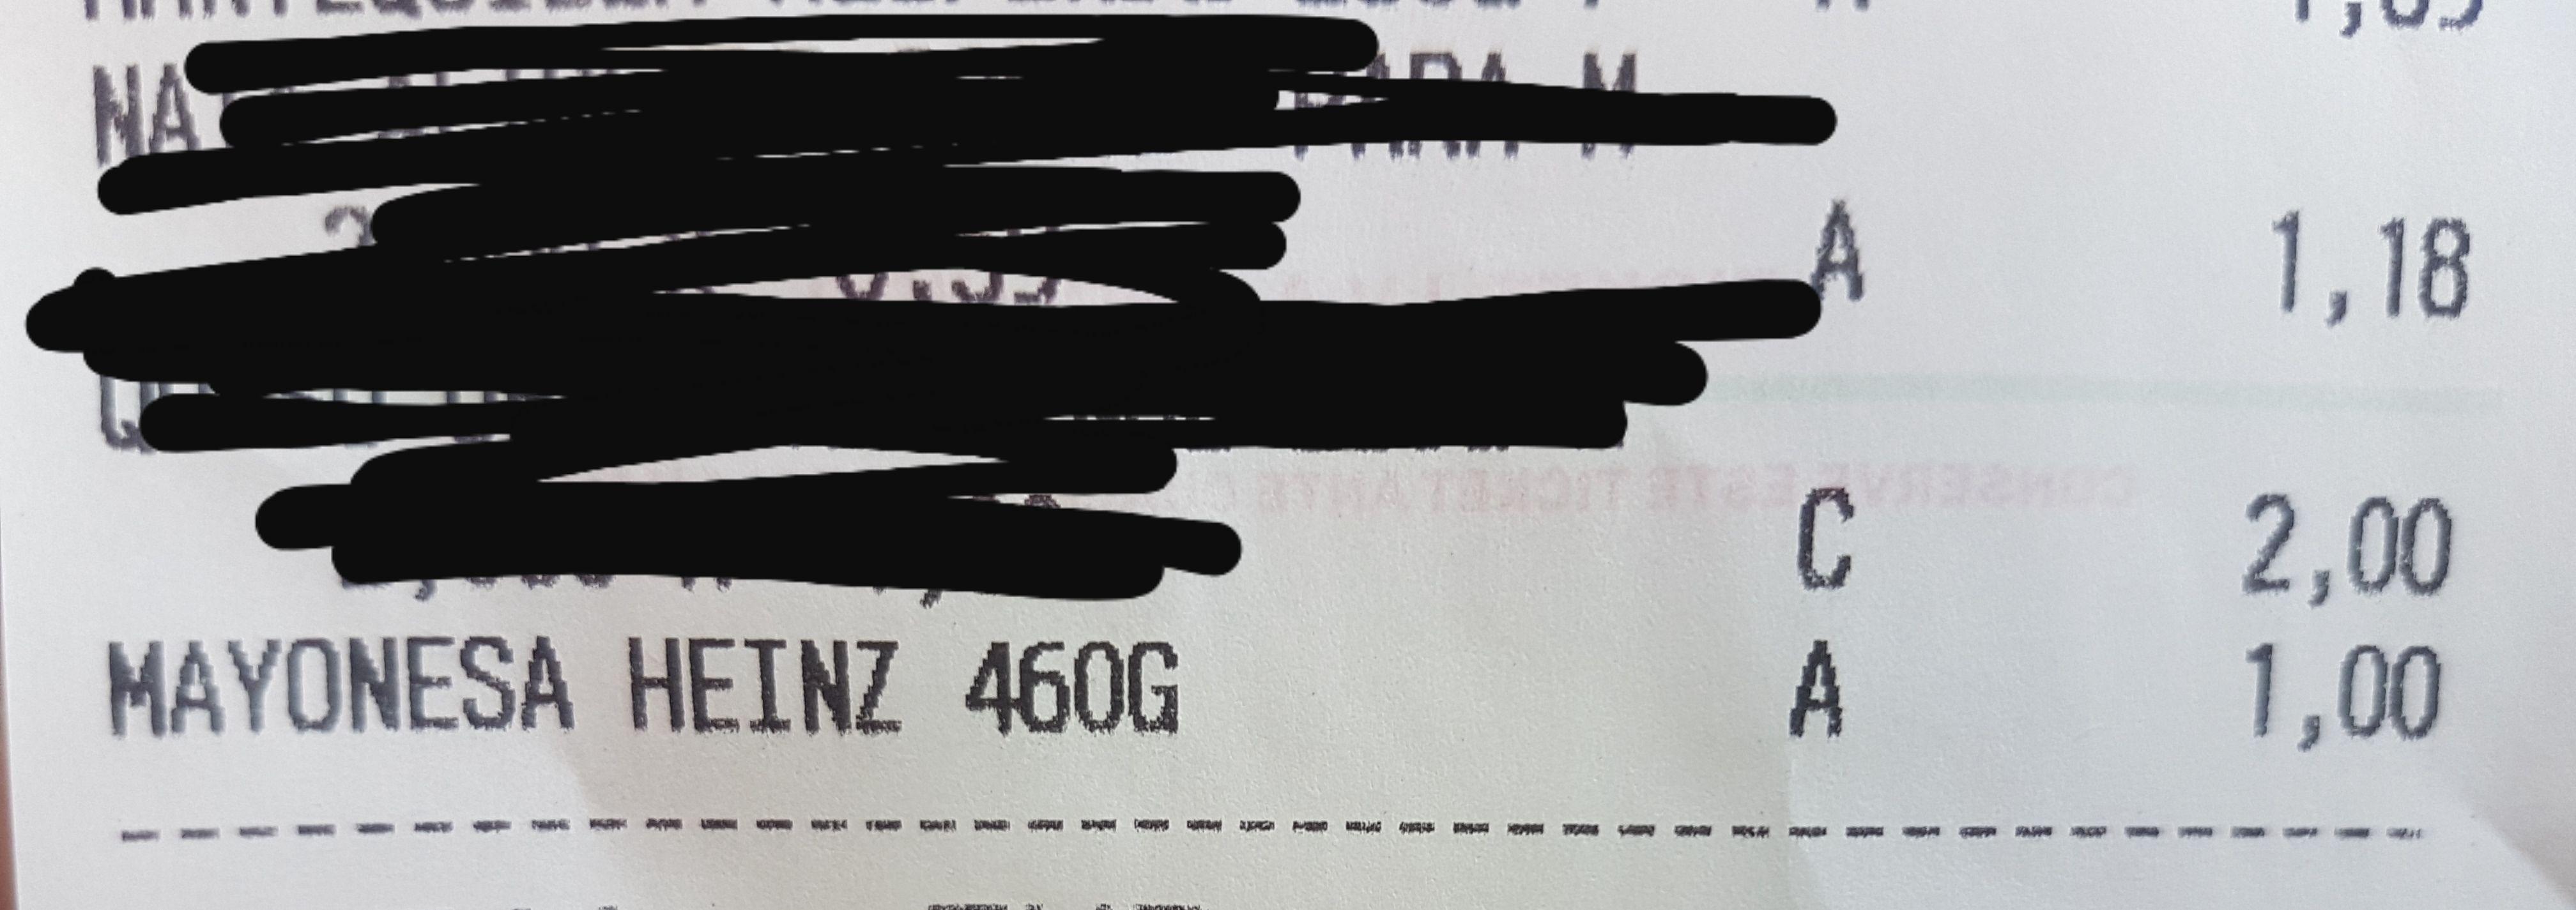 174565.jpg